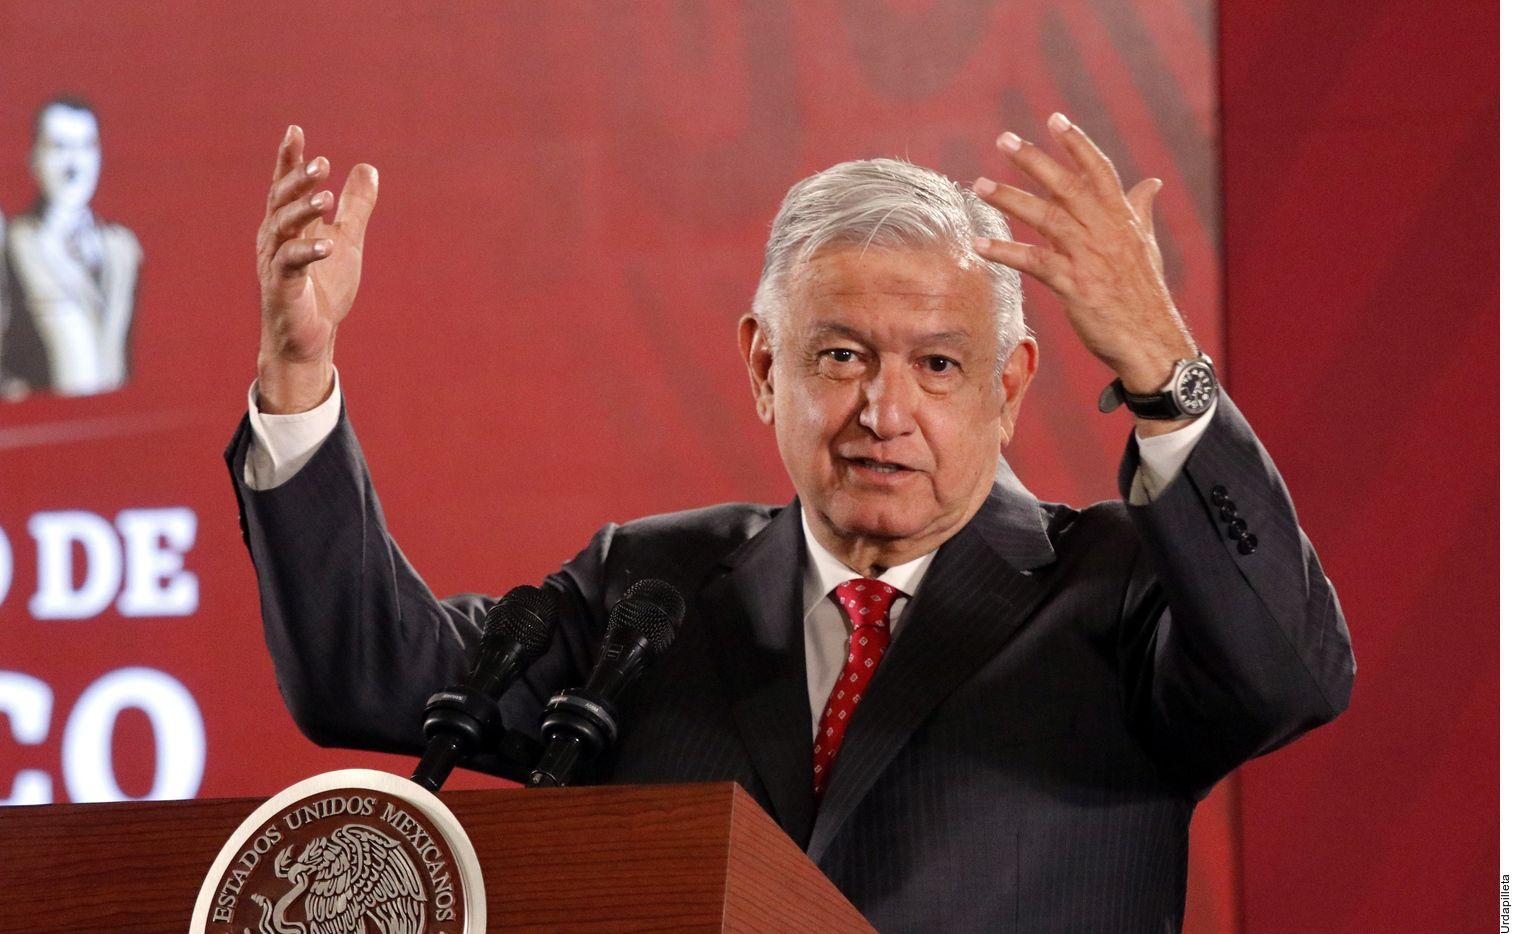 Pío López Obrador, hermano del presidente mexicano (foto) se presentó ante la FGR para denunciar lo que considera difusión ilegal de videos privados.